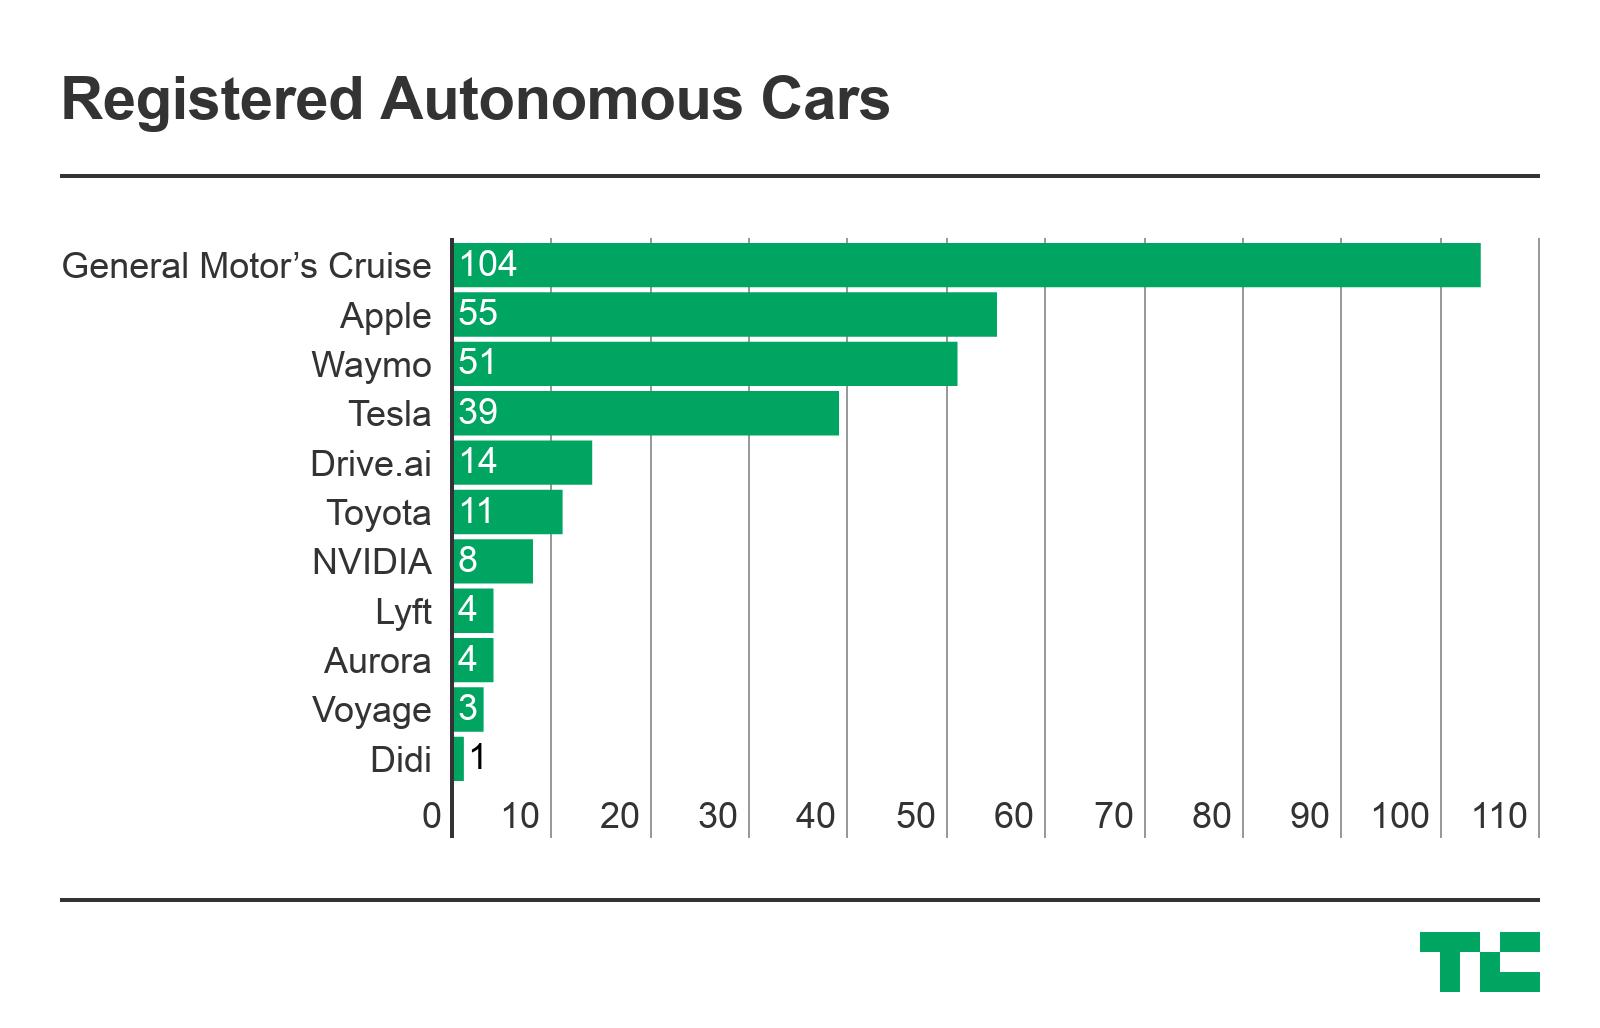 苹果在加州的自动驾驶测试车增至55辆 超过Waymo